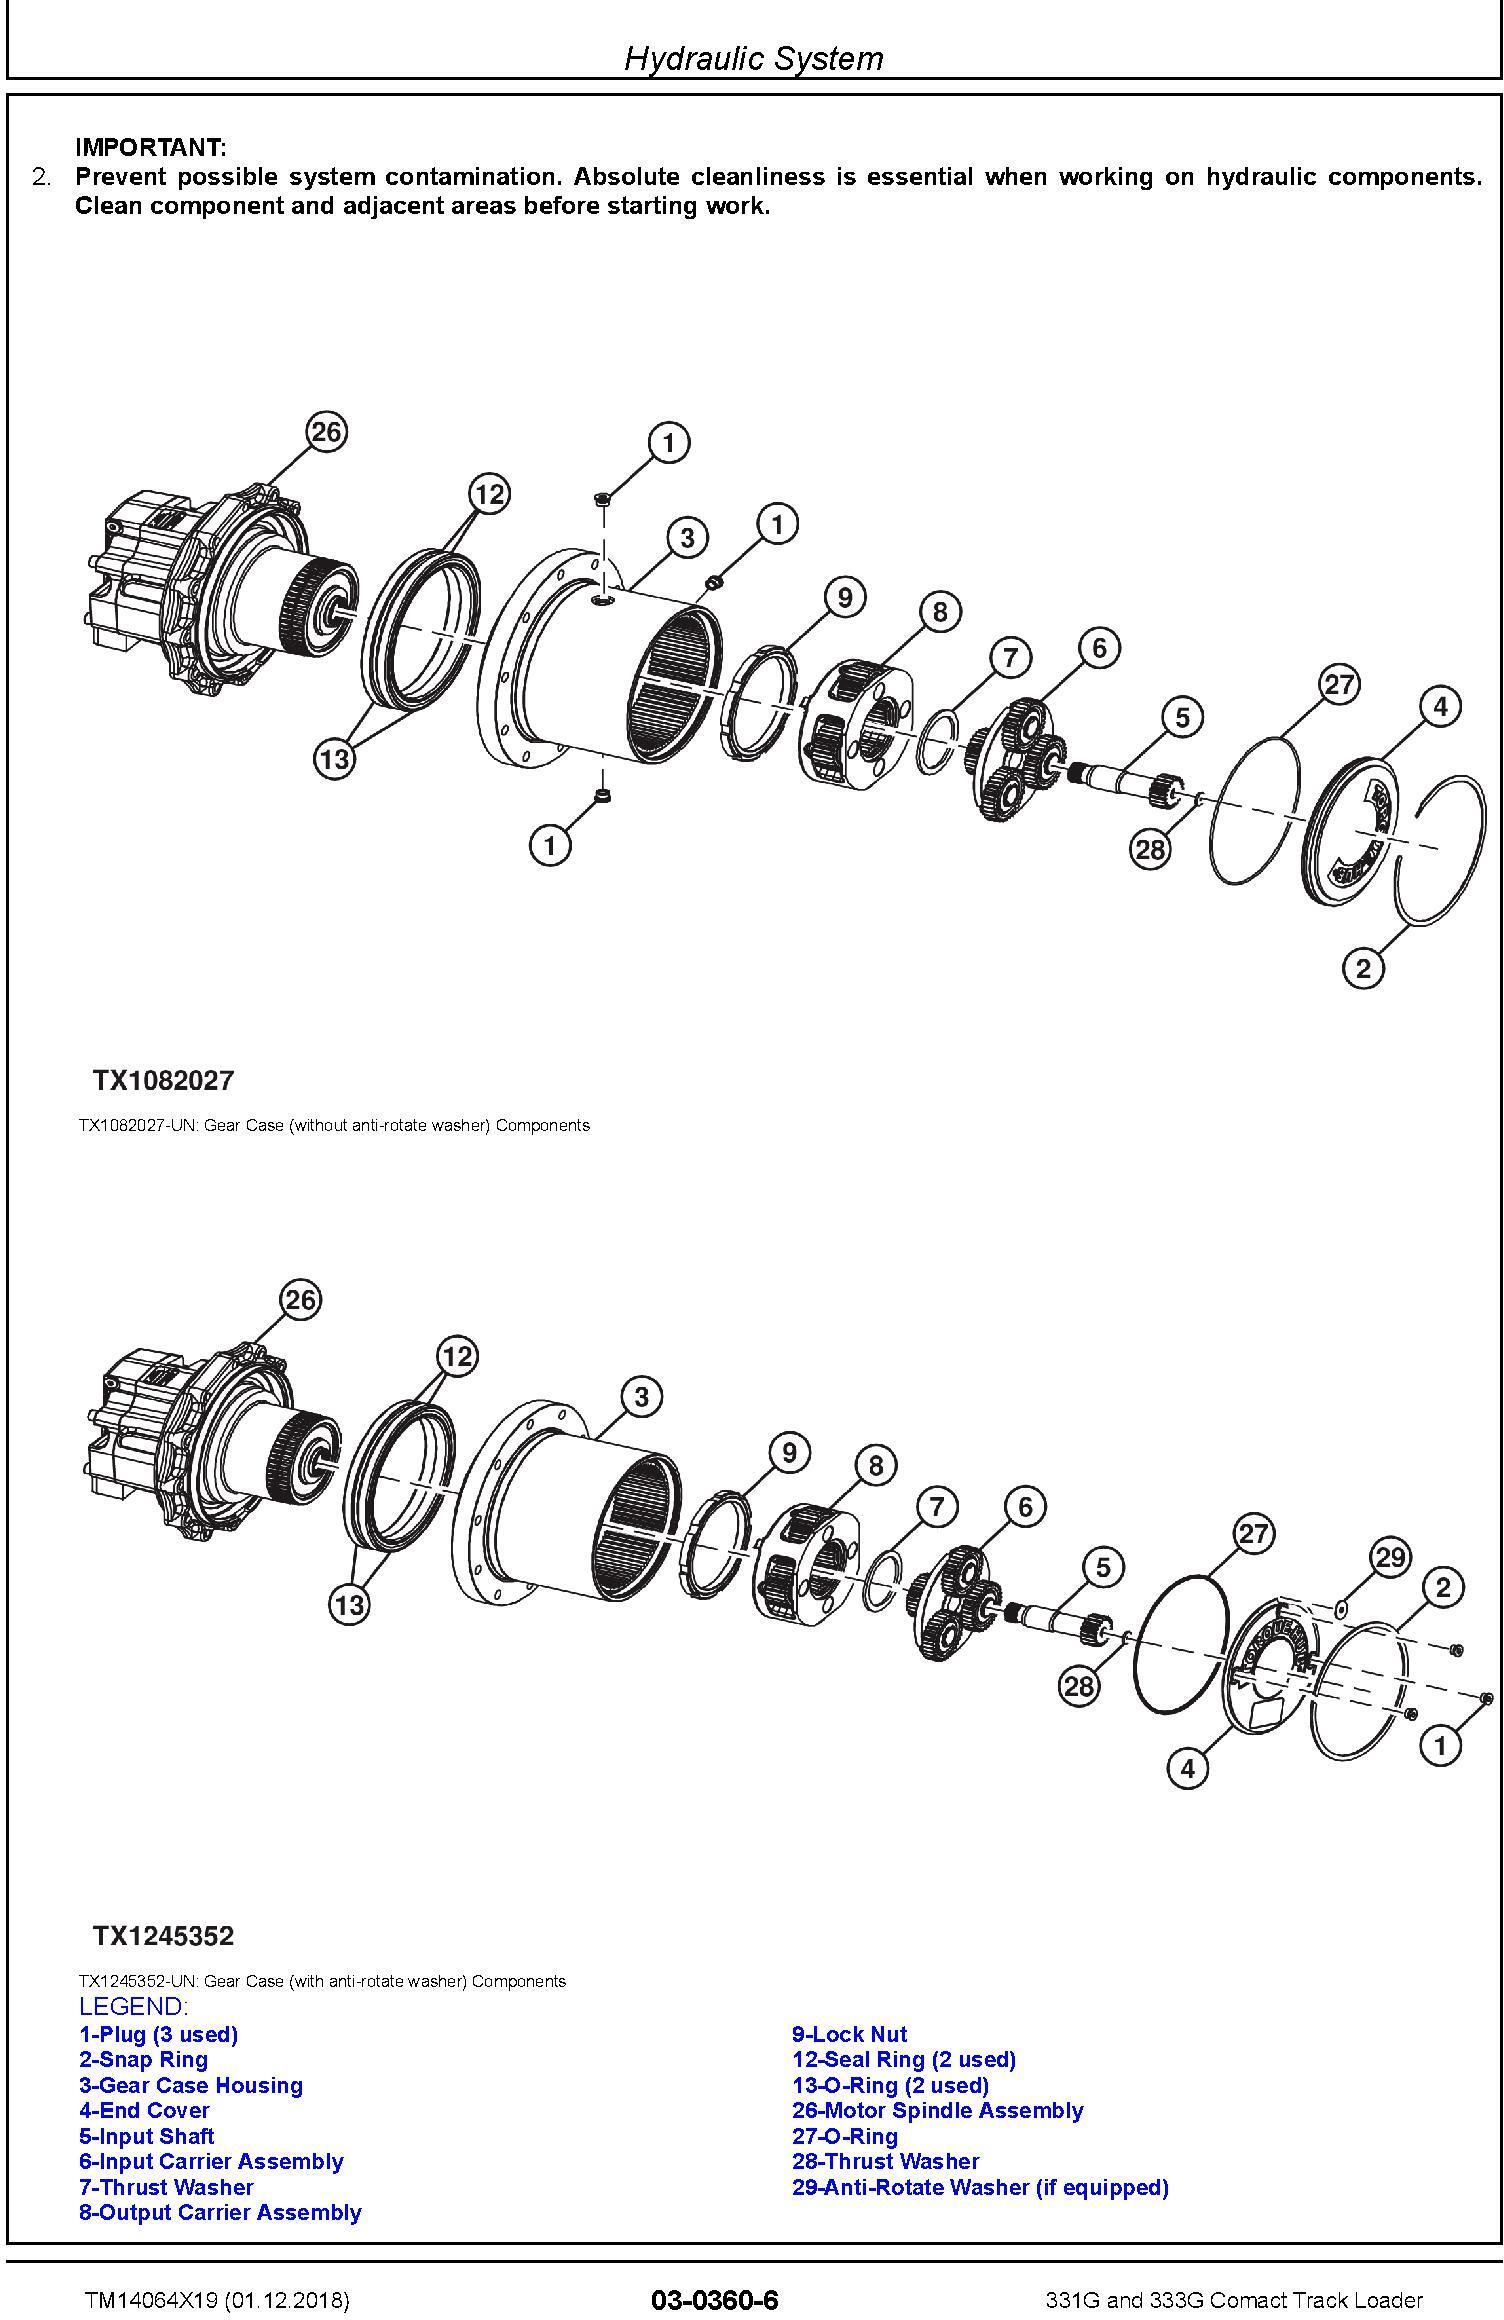 John Deere 331G and 333G Comact Track Loader Repair Service Manual (TM14064X19) - 1